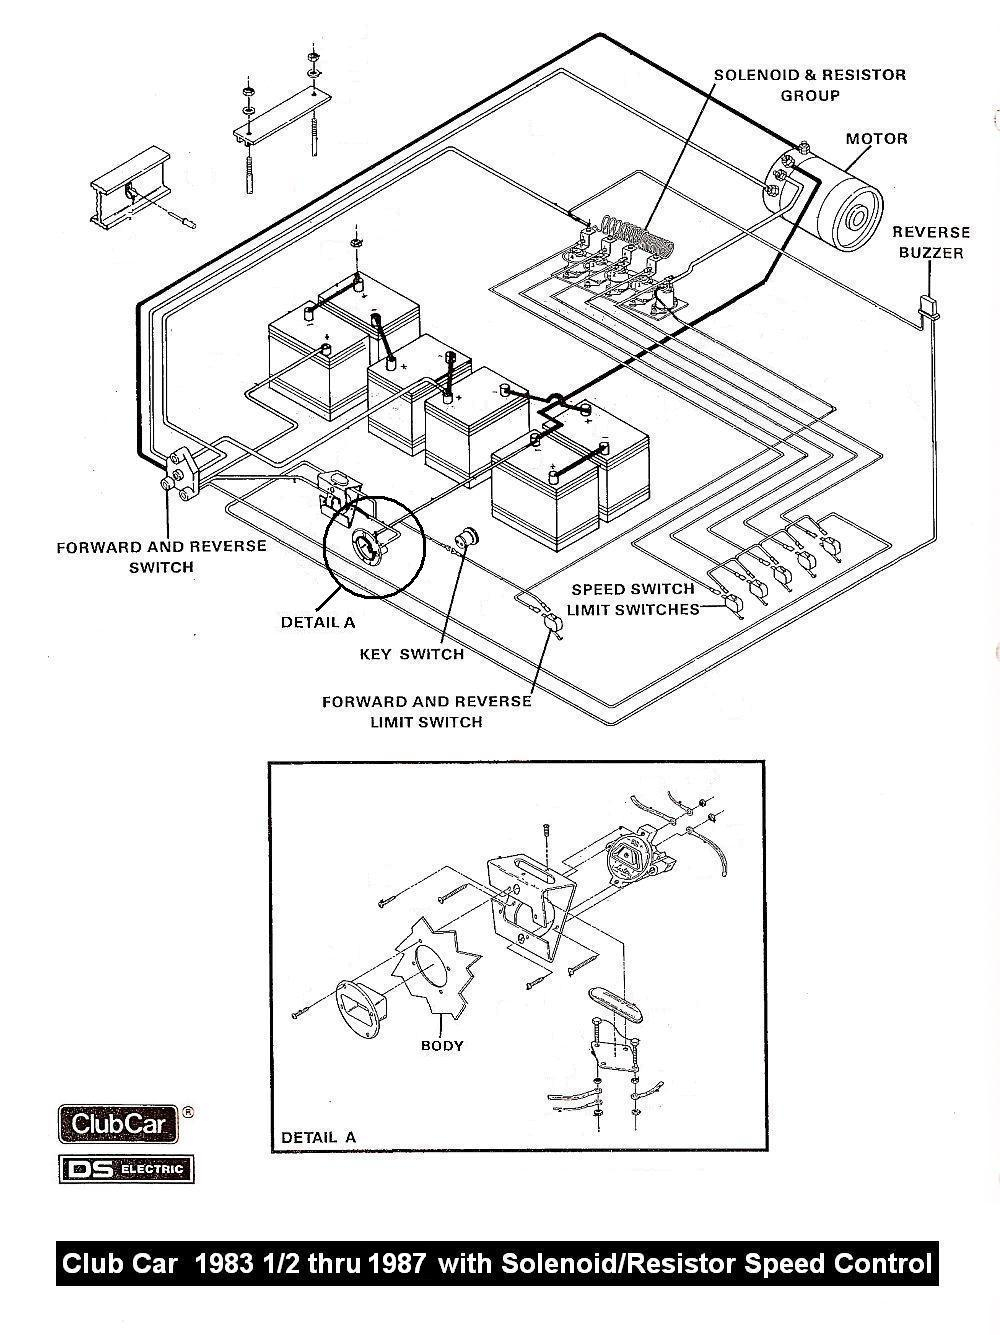 Wiring Diagram For 1987 Club Car Golf Cart - Wiring Diagram Data Oreo - Club Car Wiring Diagram 36 Volt